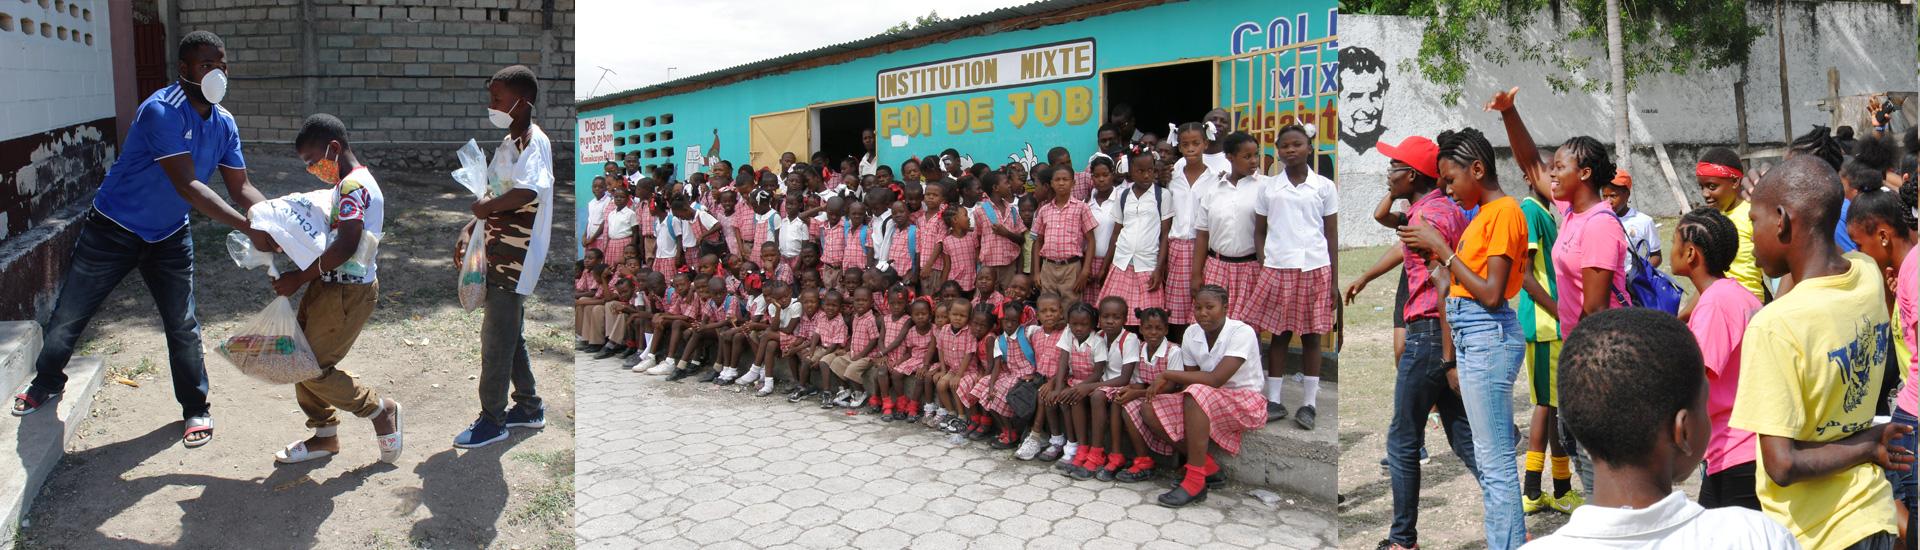 La pandemia se une a los graves problemas sociales de Haití once años después del terremoto